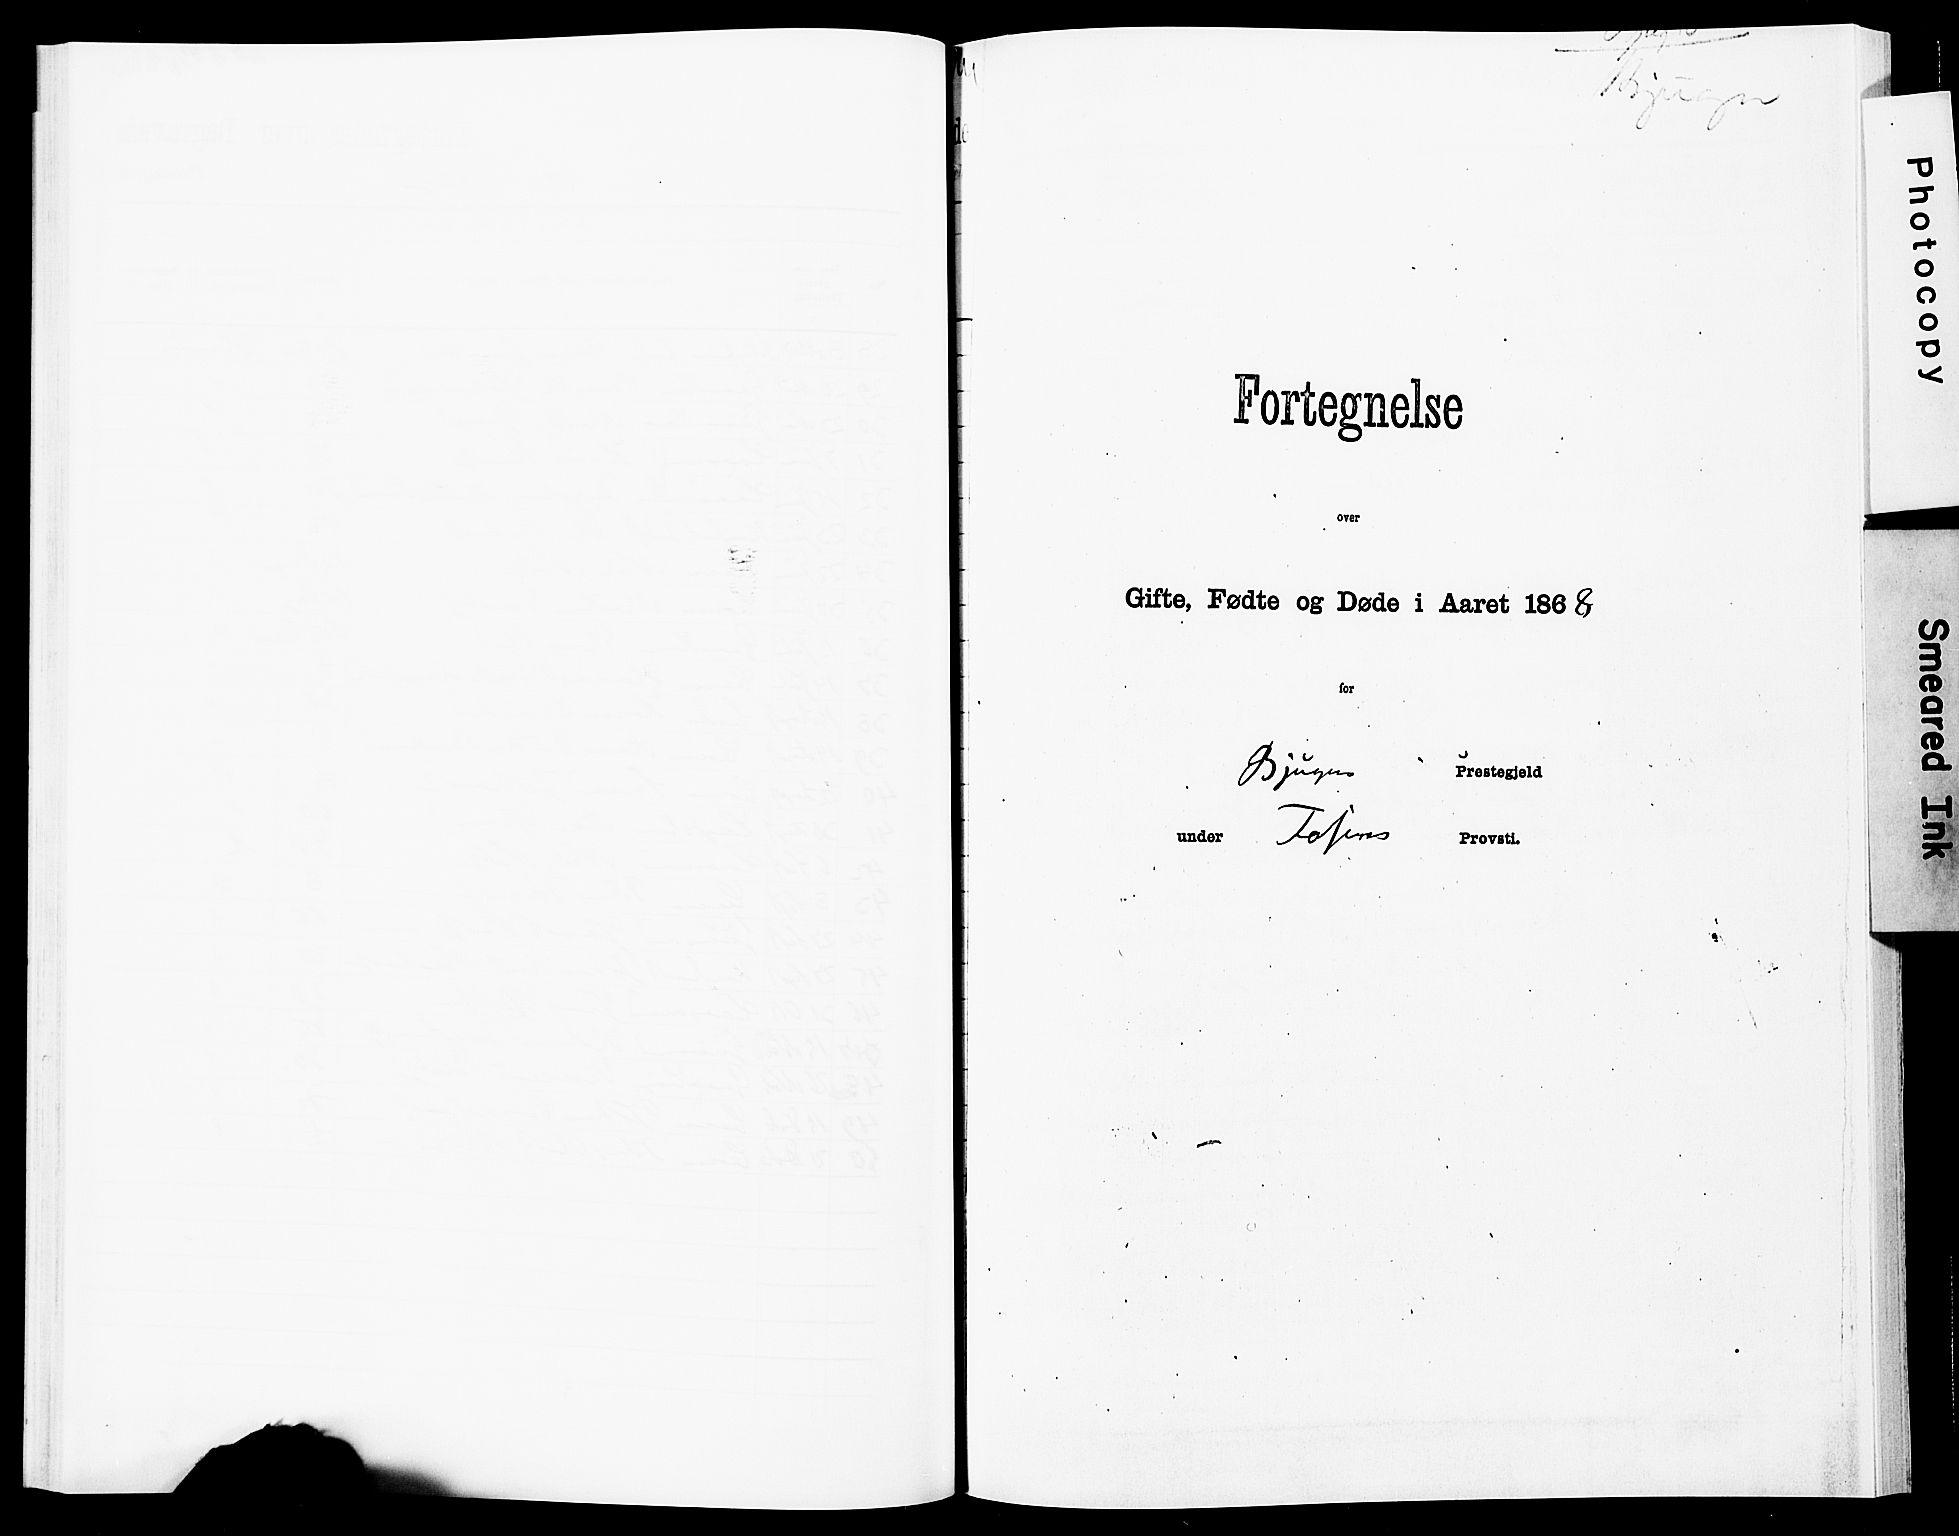 SAT, Ministerialprotokoller, klokkerbøker og fødselsregistre - Sør-Trøndelag, 651/L0642: Ministerialbok nr. 651A01, 1866-1872